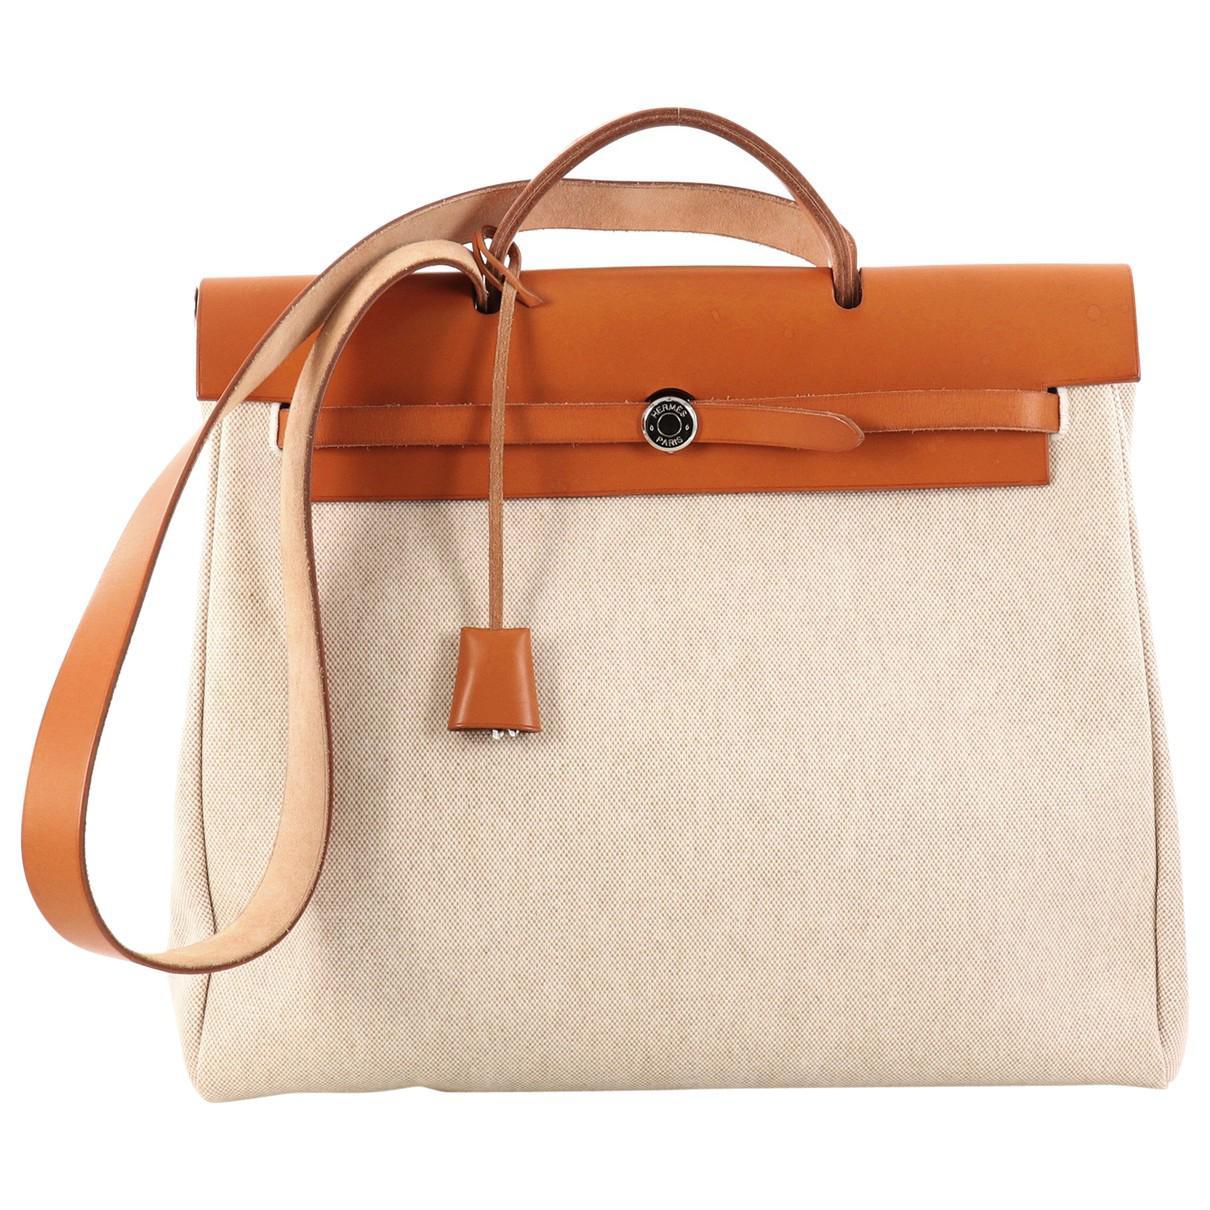 c12362b870b3 Lyst - Hermès Pre-owned Herbag Leather Handbag in Brown